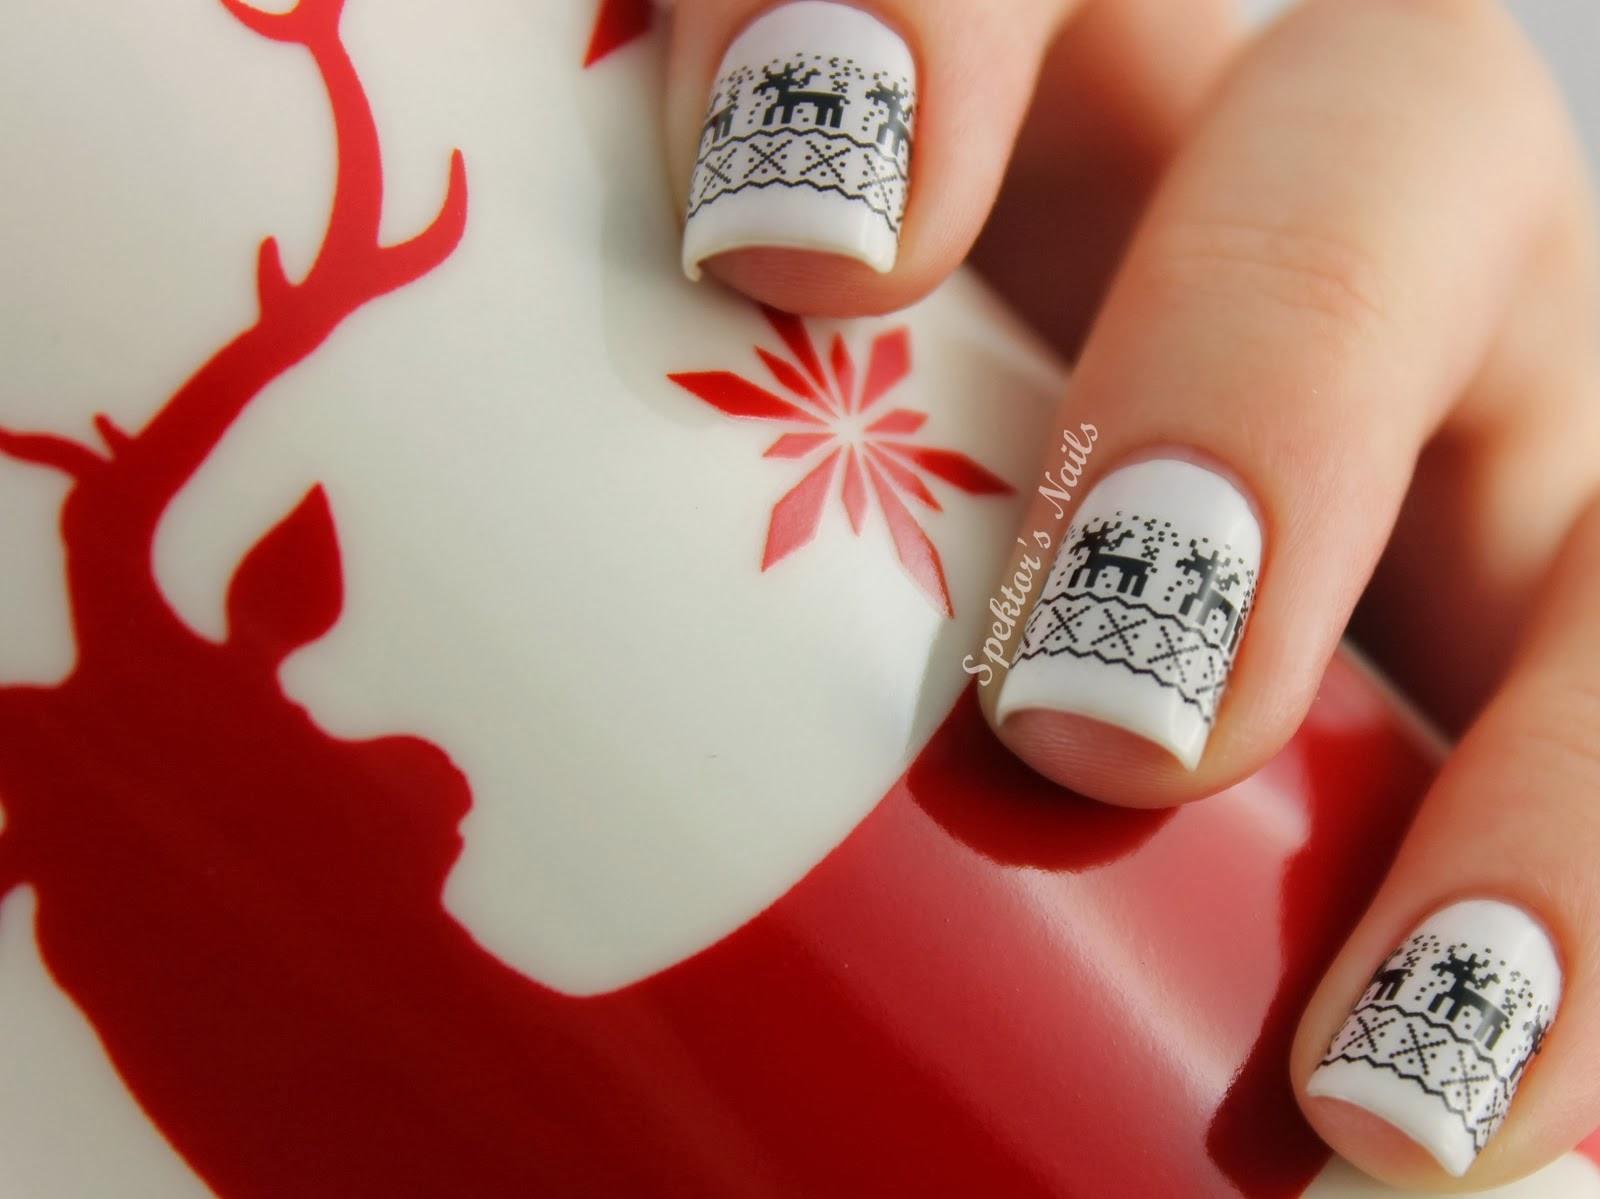 Αποτέλεσμα εικόνας για χριστουγεννιατικα μανικιουρ